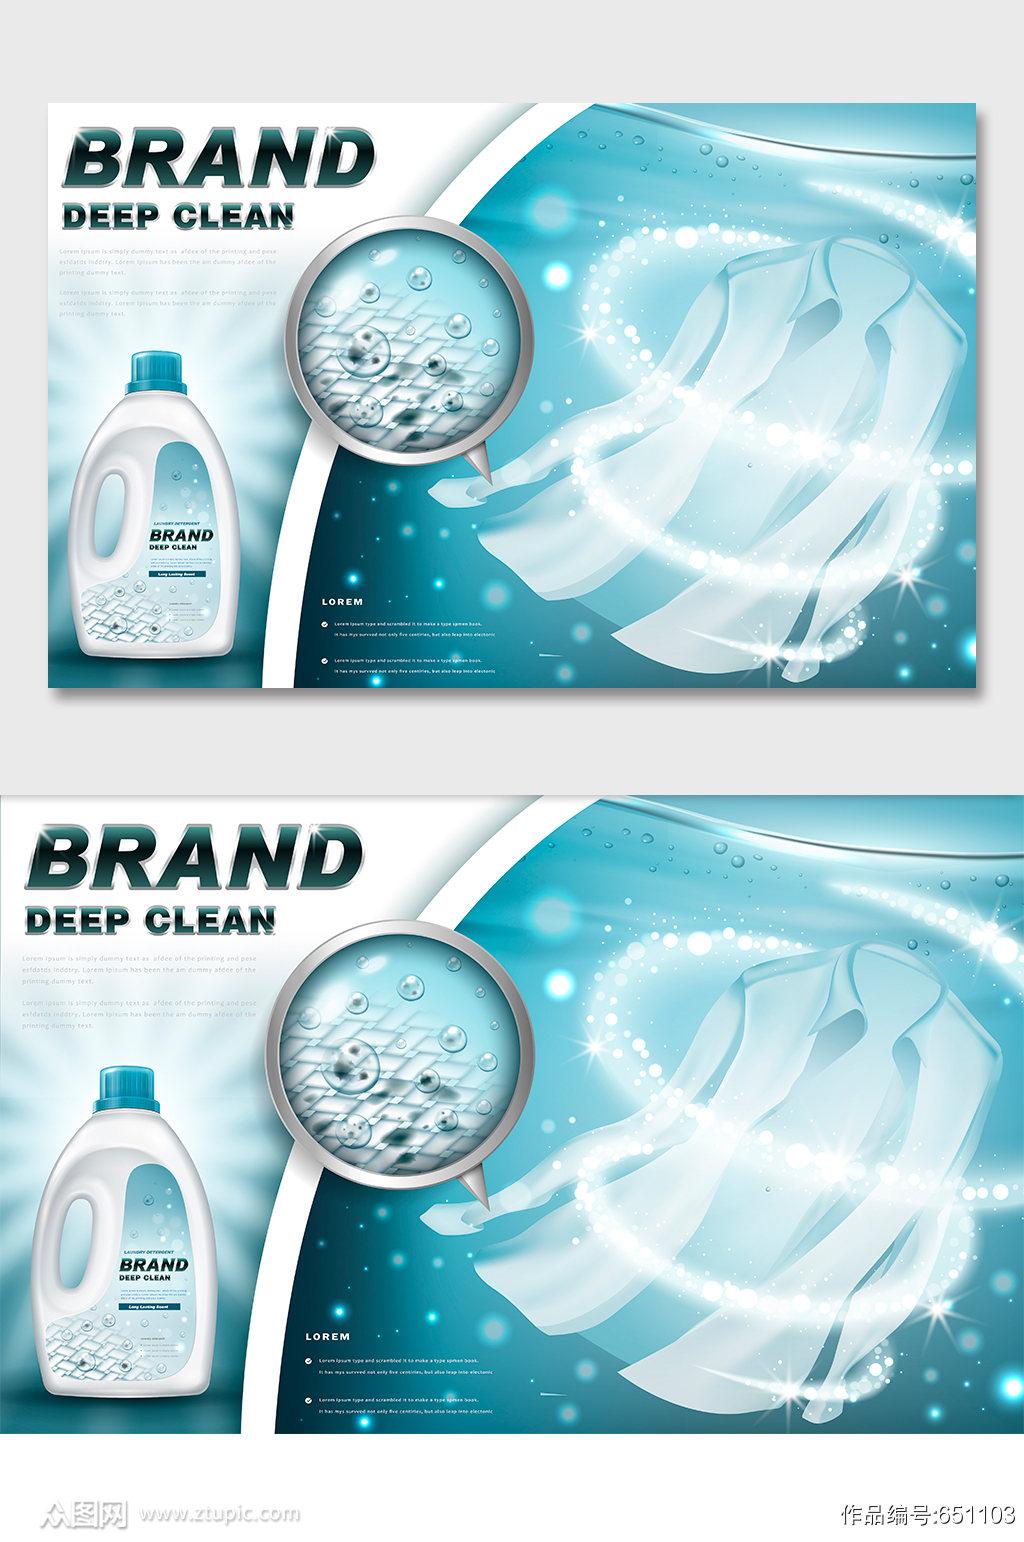 洗衣液去污渍海报素材